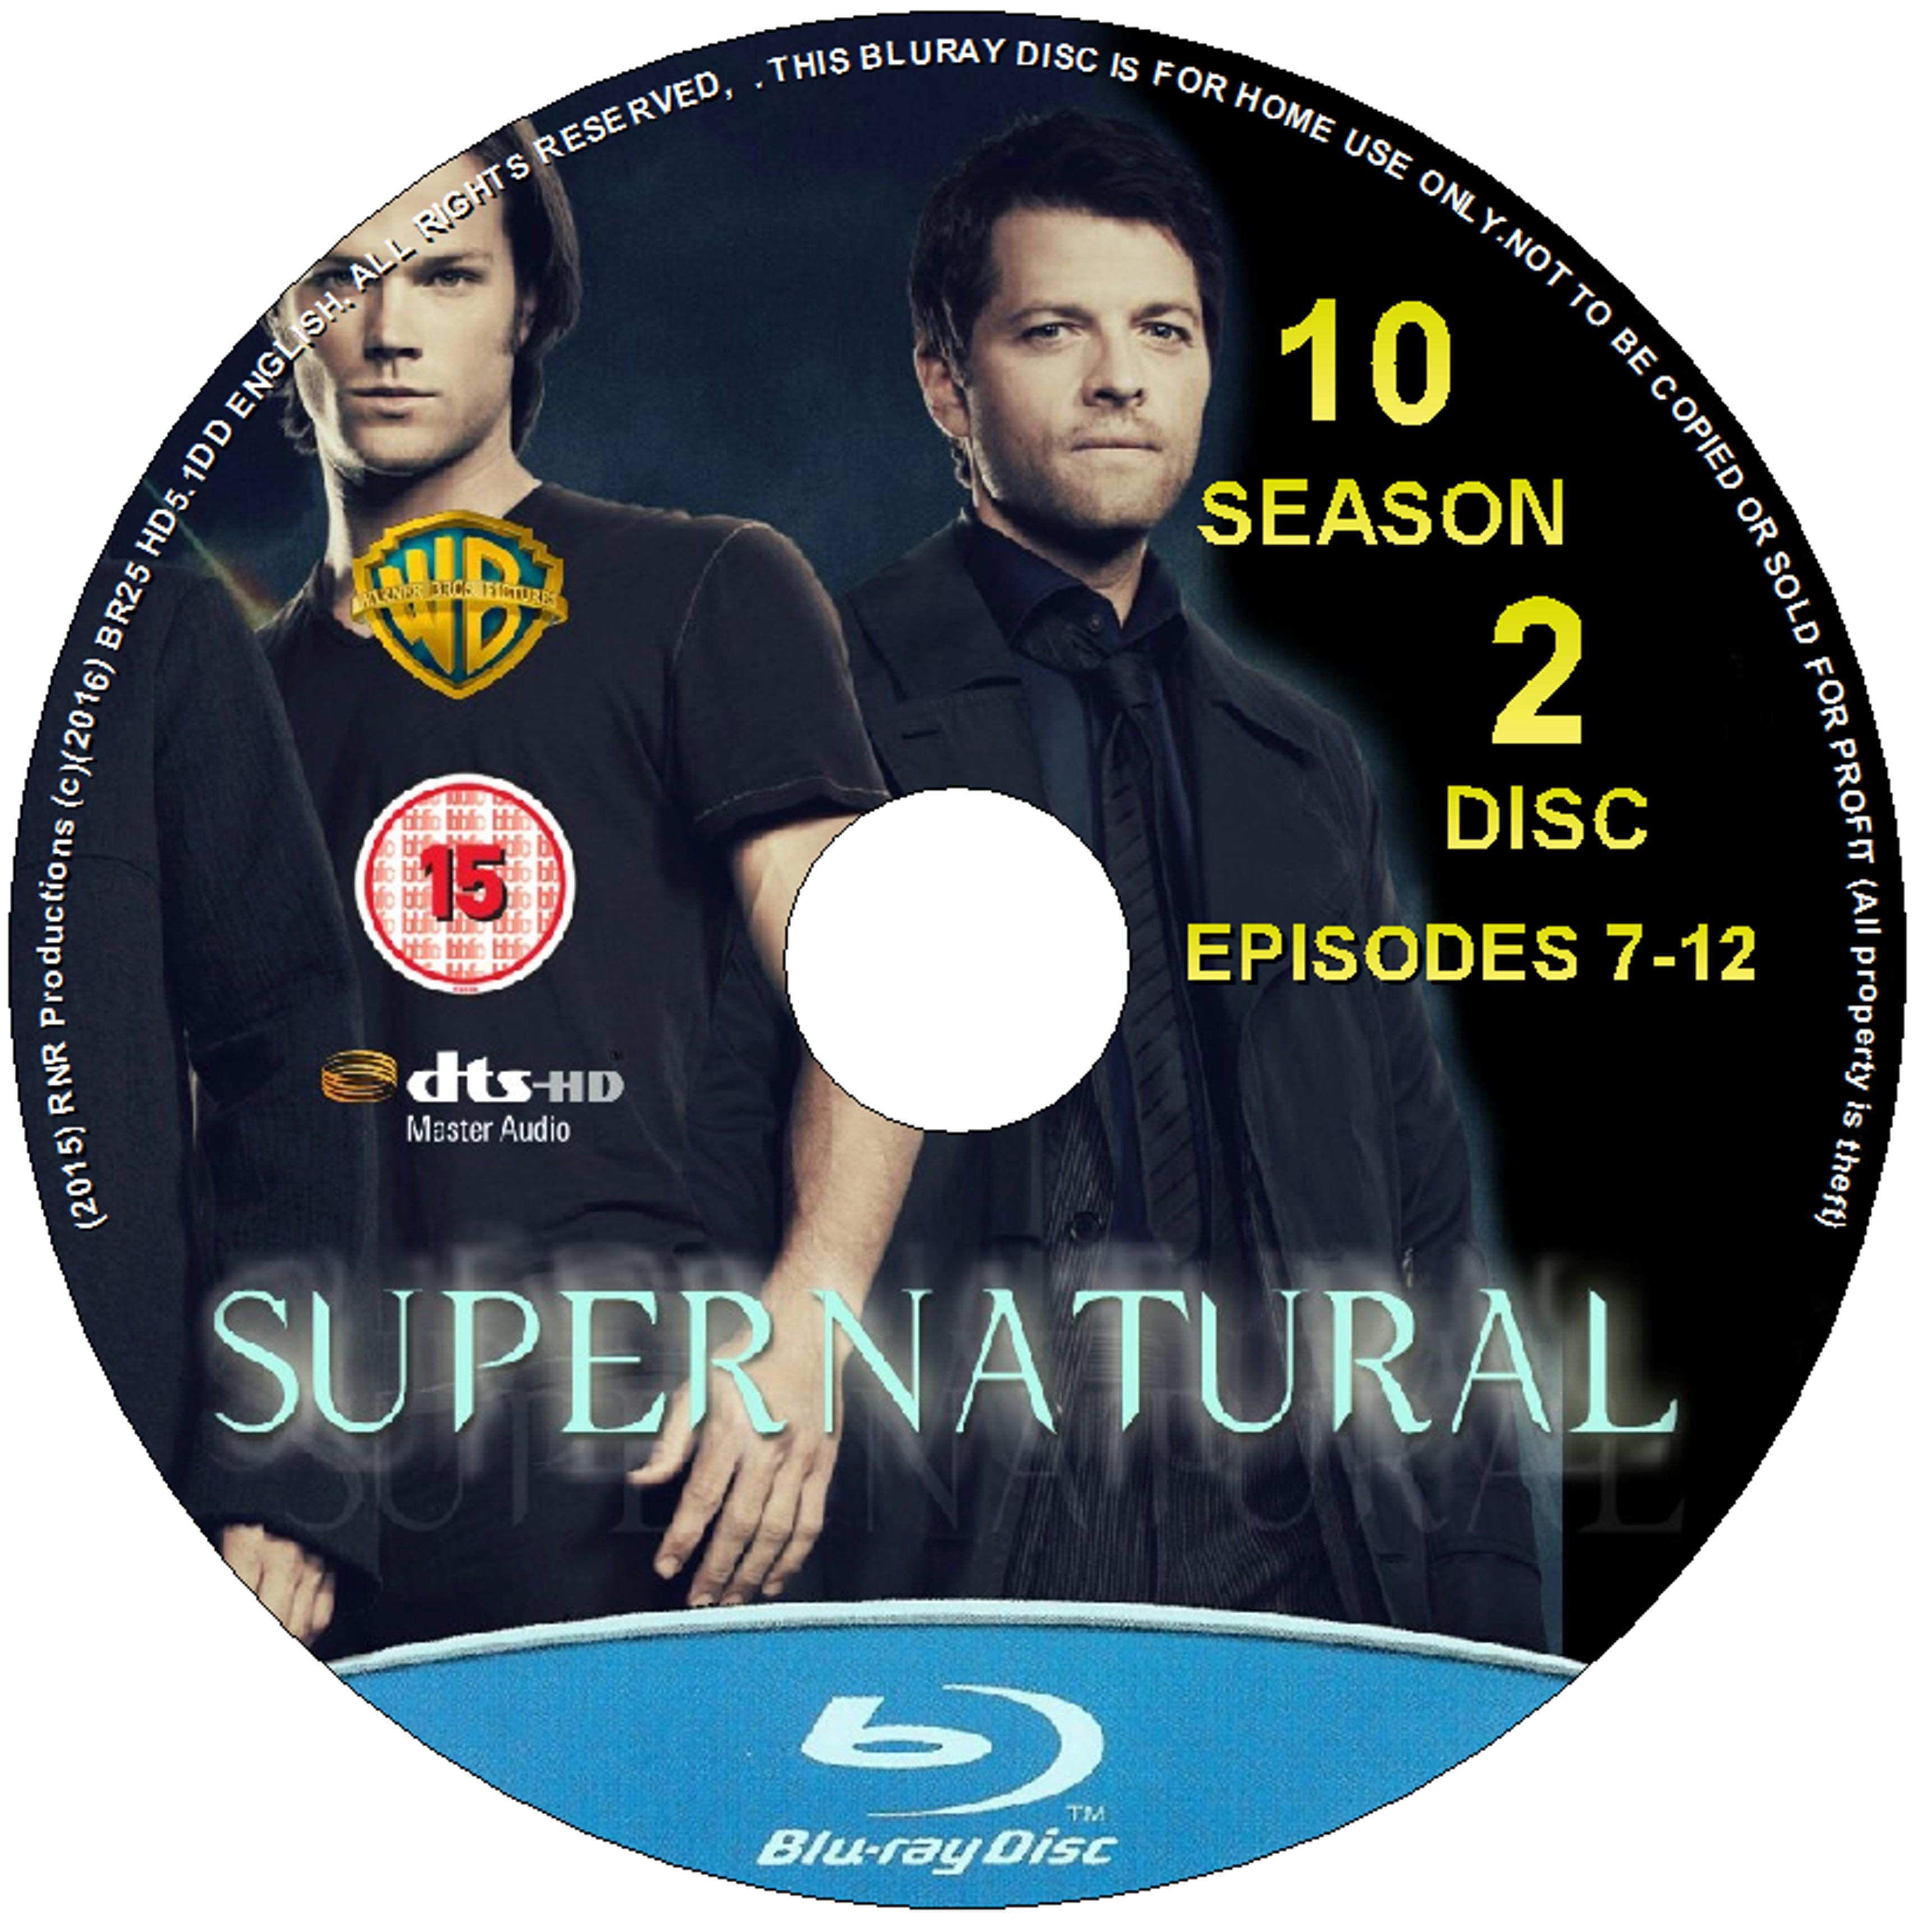 supernatural season 10 download